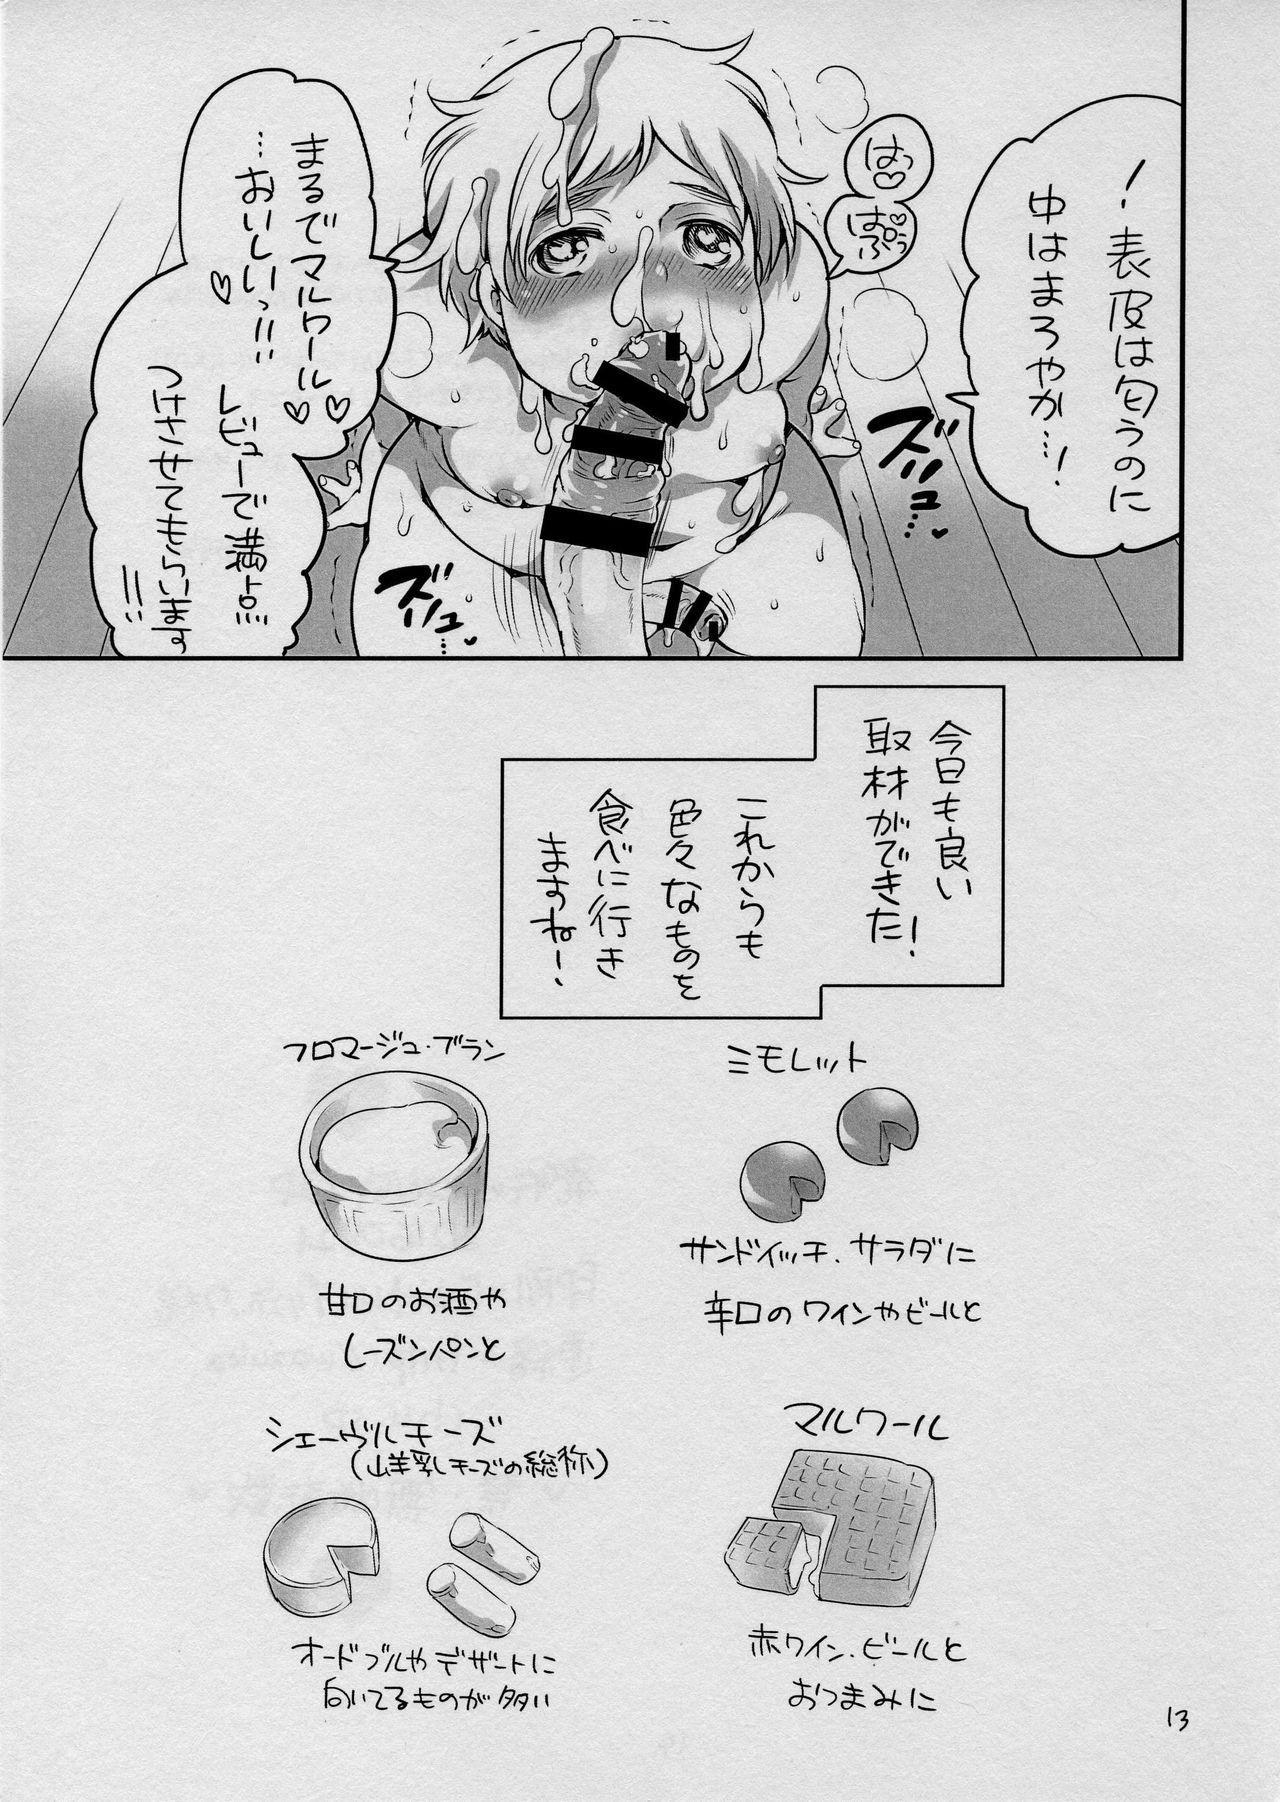 Futanari Chinkasu Cheese Koujou Kengaku 11